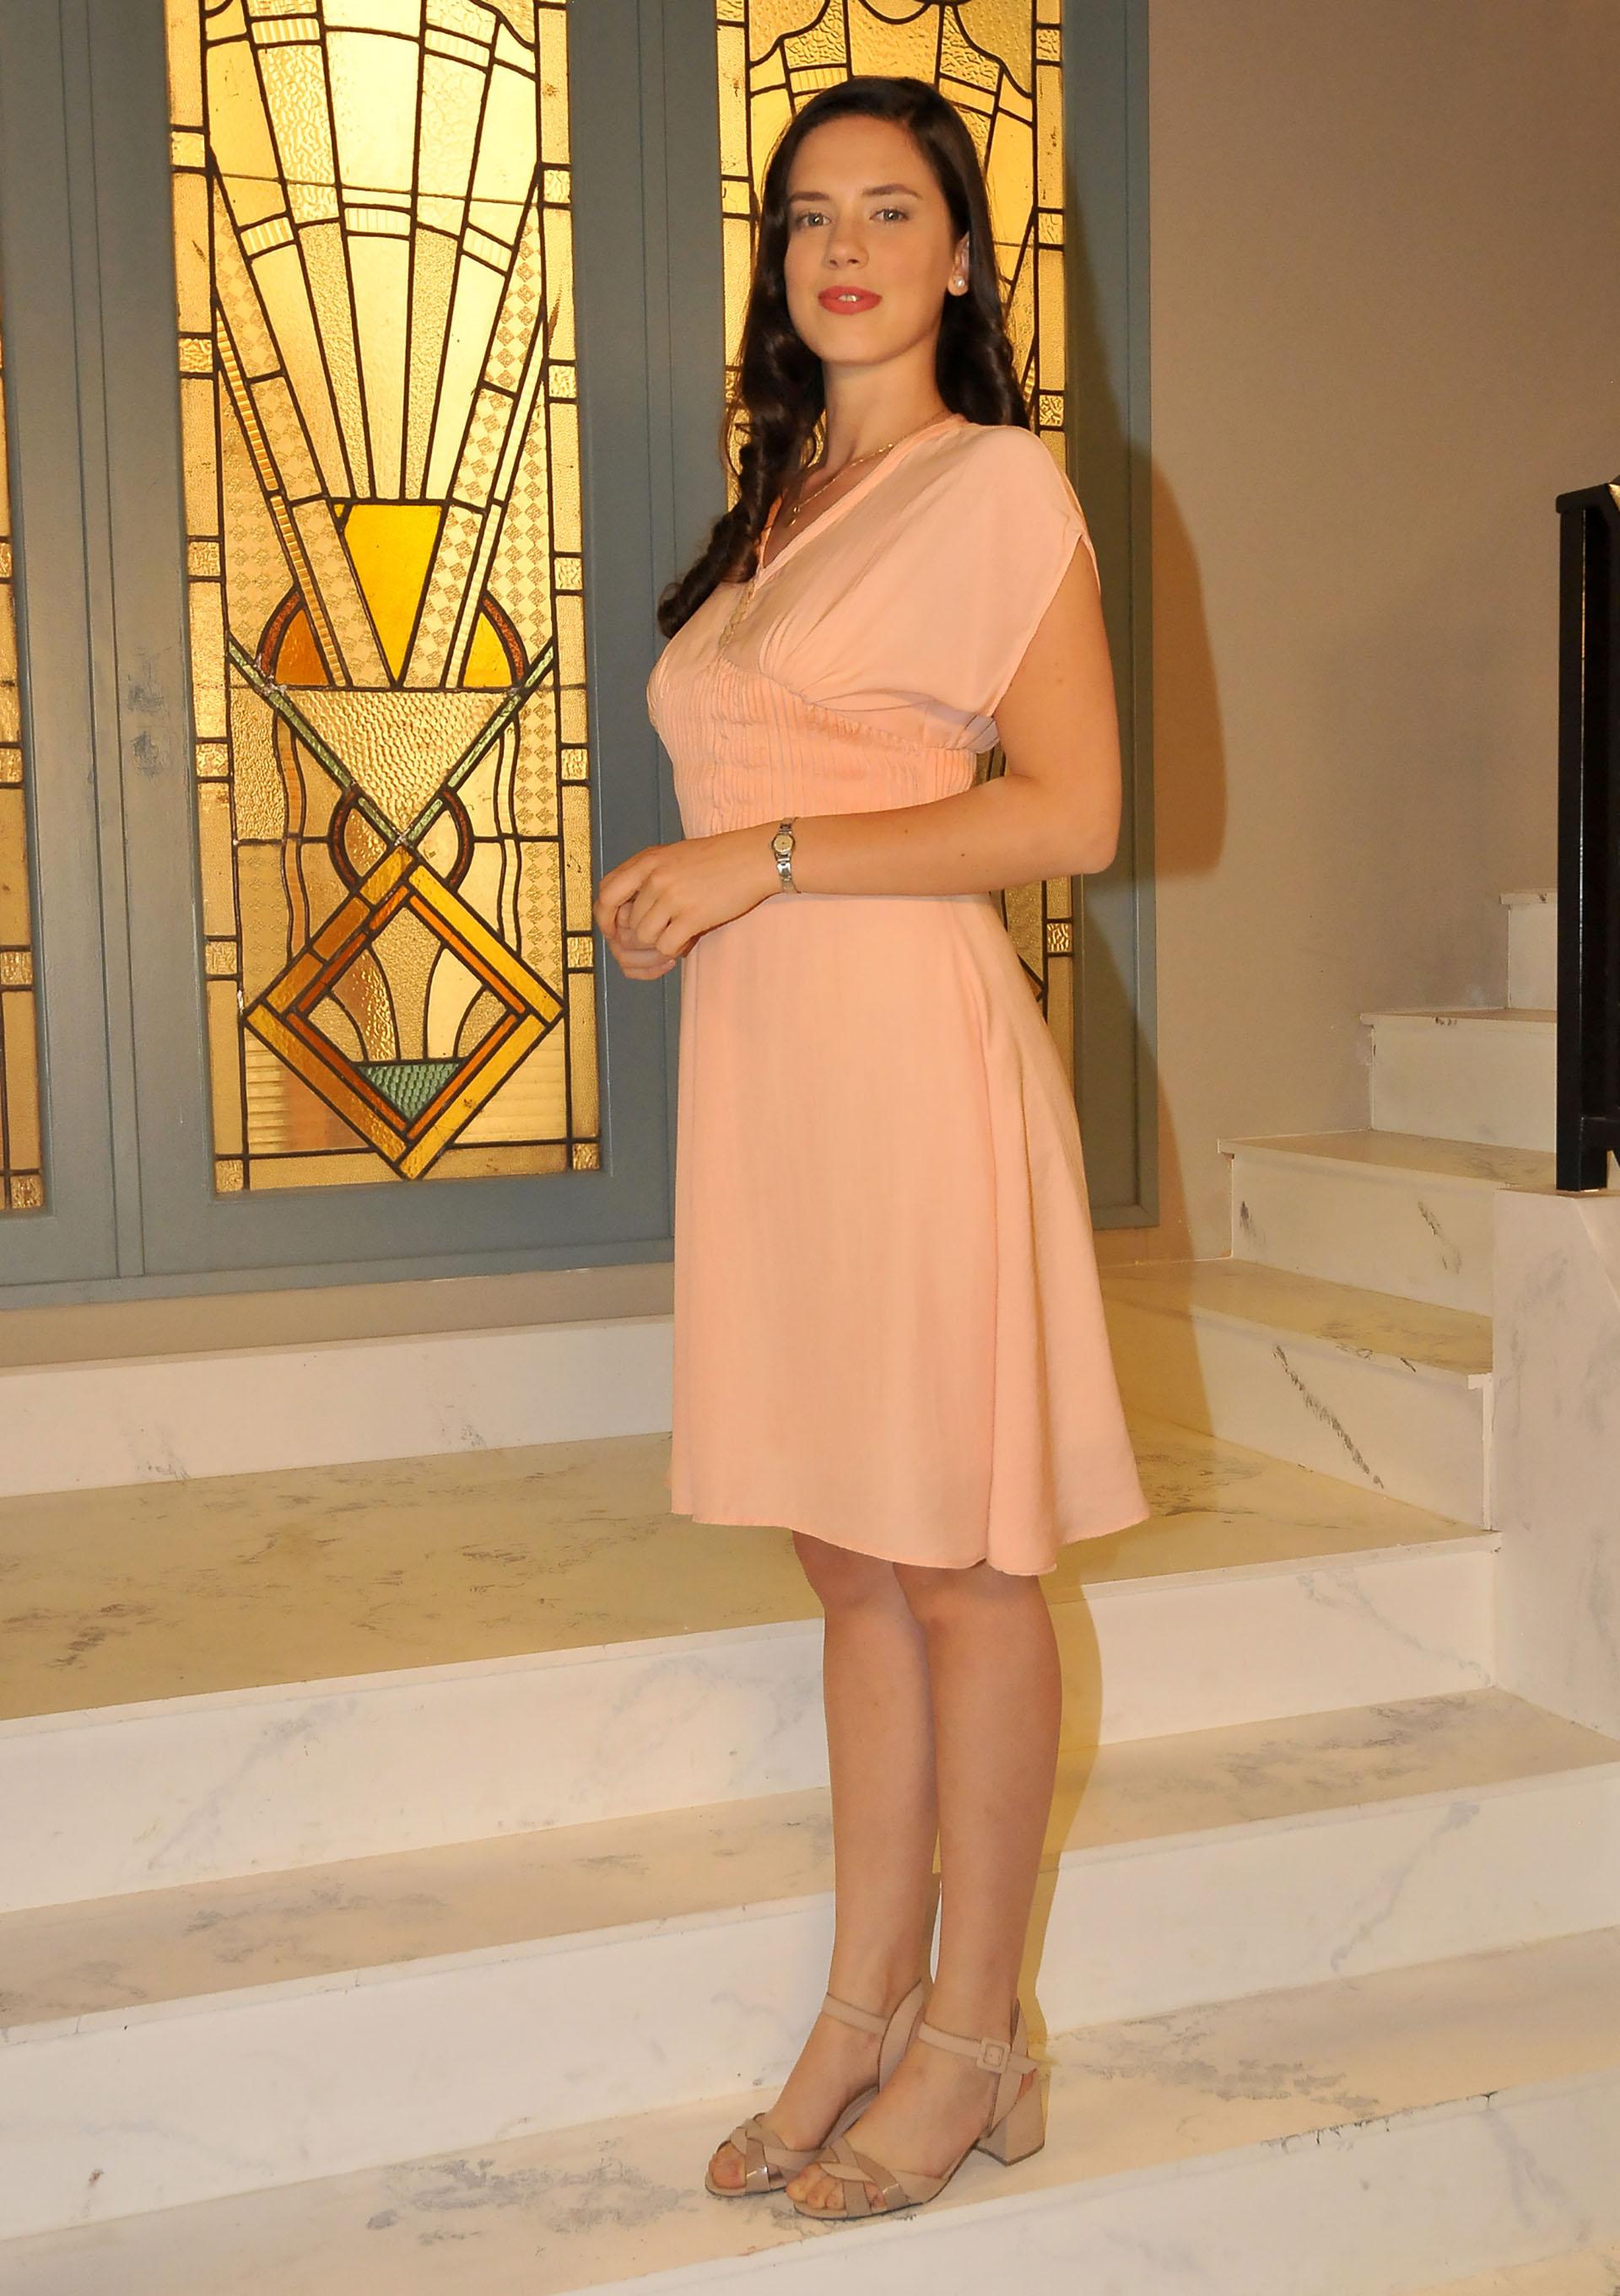 Delfina Chaves interpretará a Lucía Morel, una joven de una familia acomodada pero venida a menos en Buenos Aires. Será obligada a casarse con Torcuato